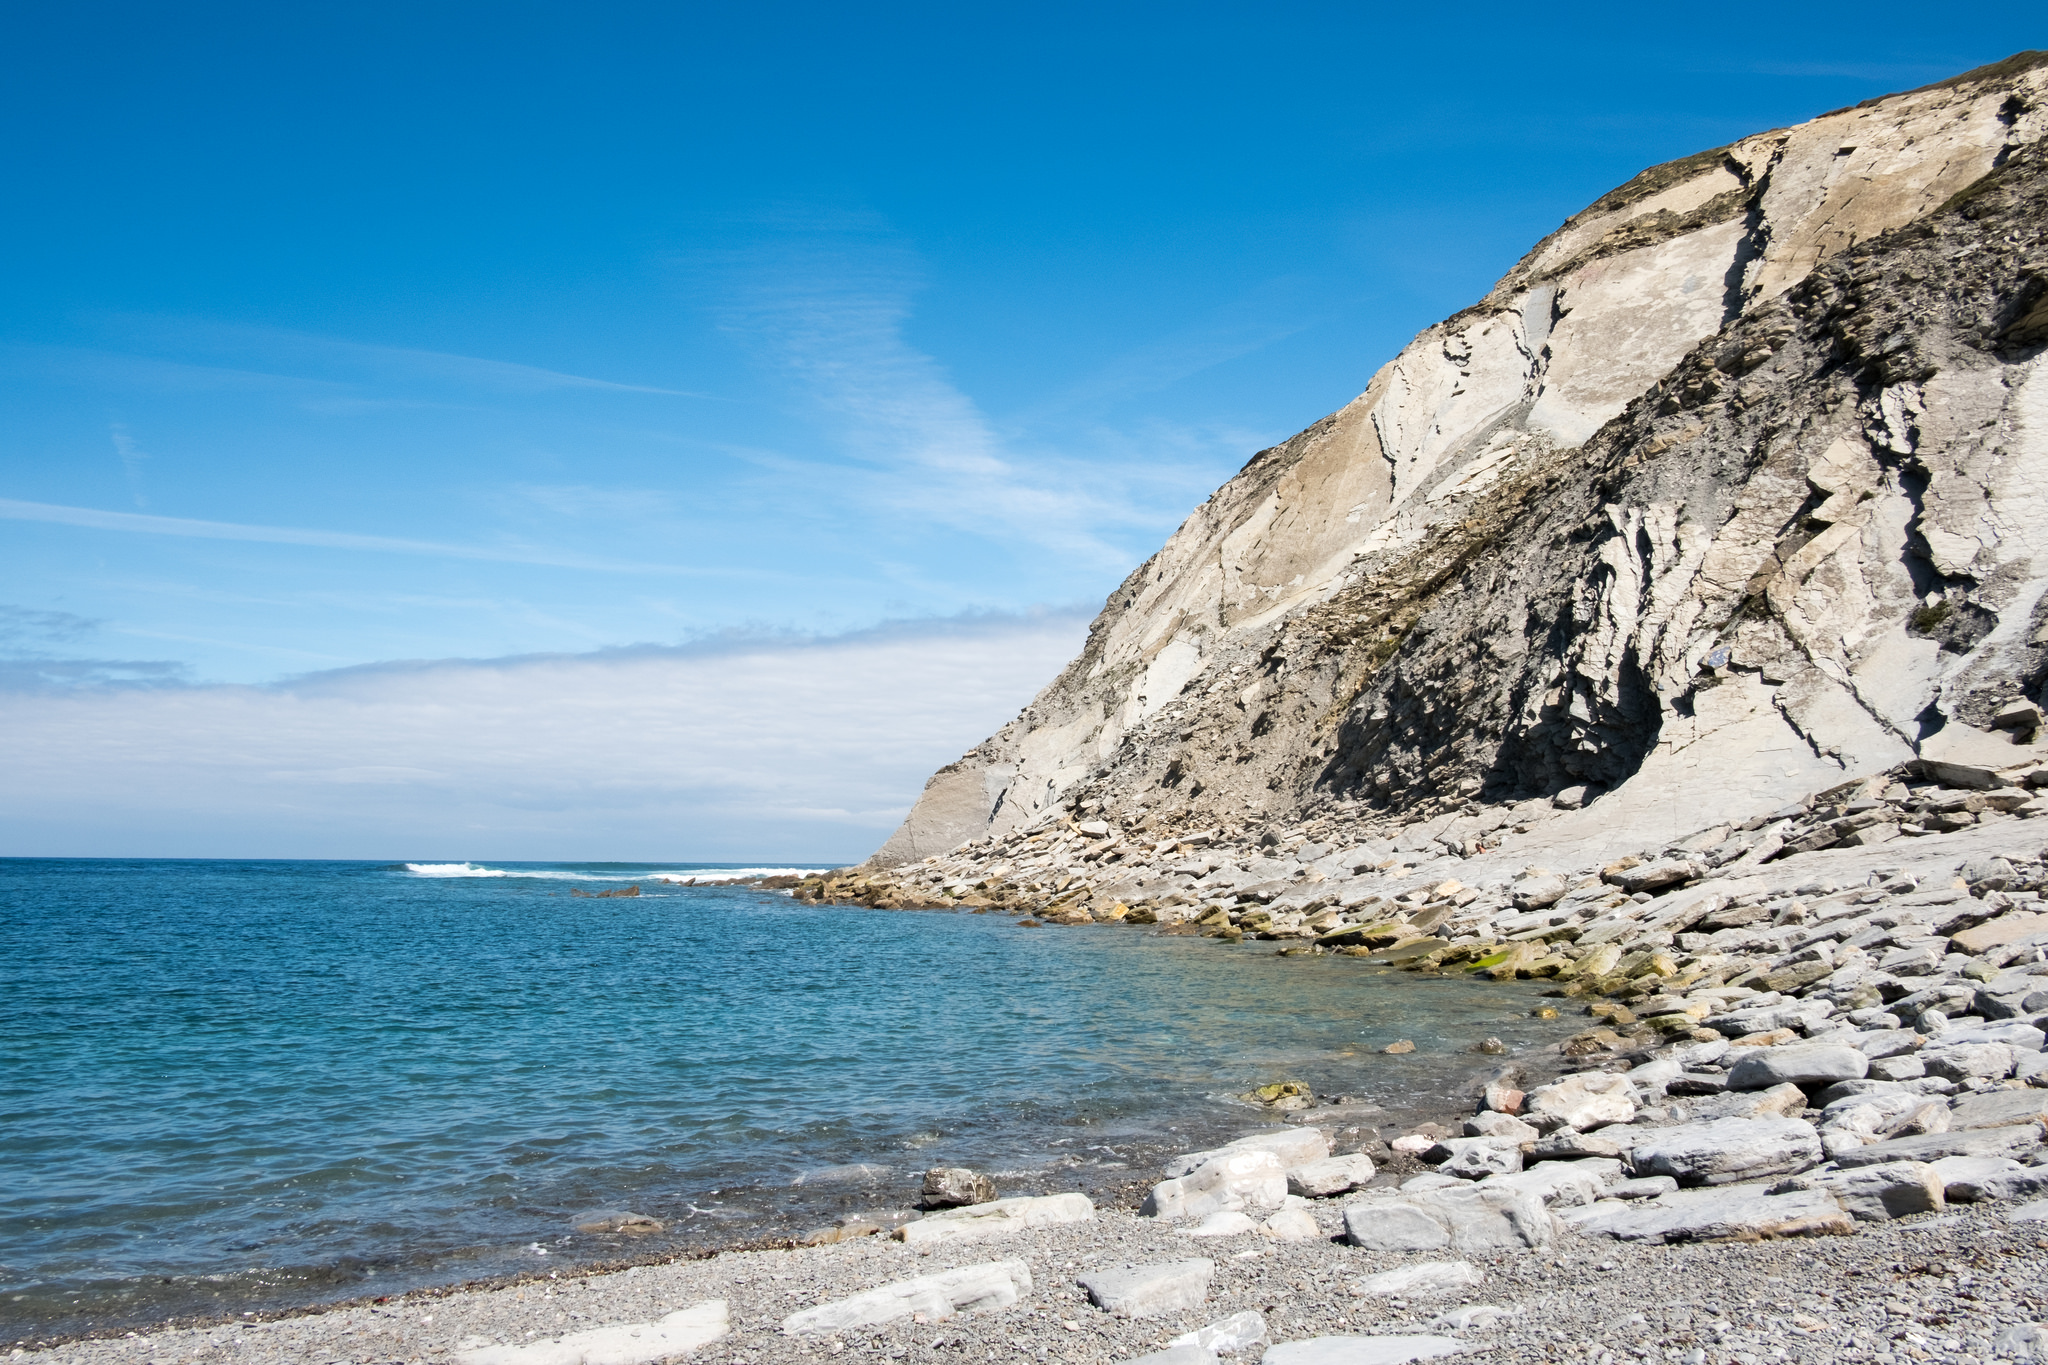 Playa de Meñakoz - Qué visitar en el País Vasco